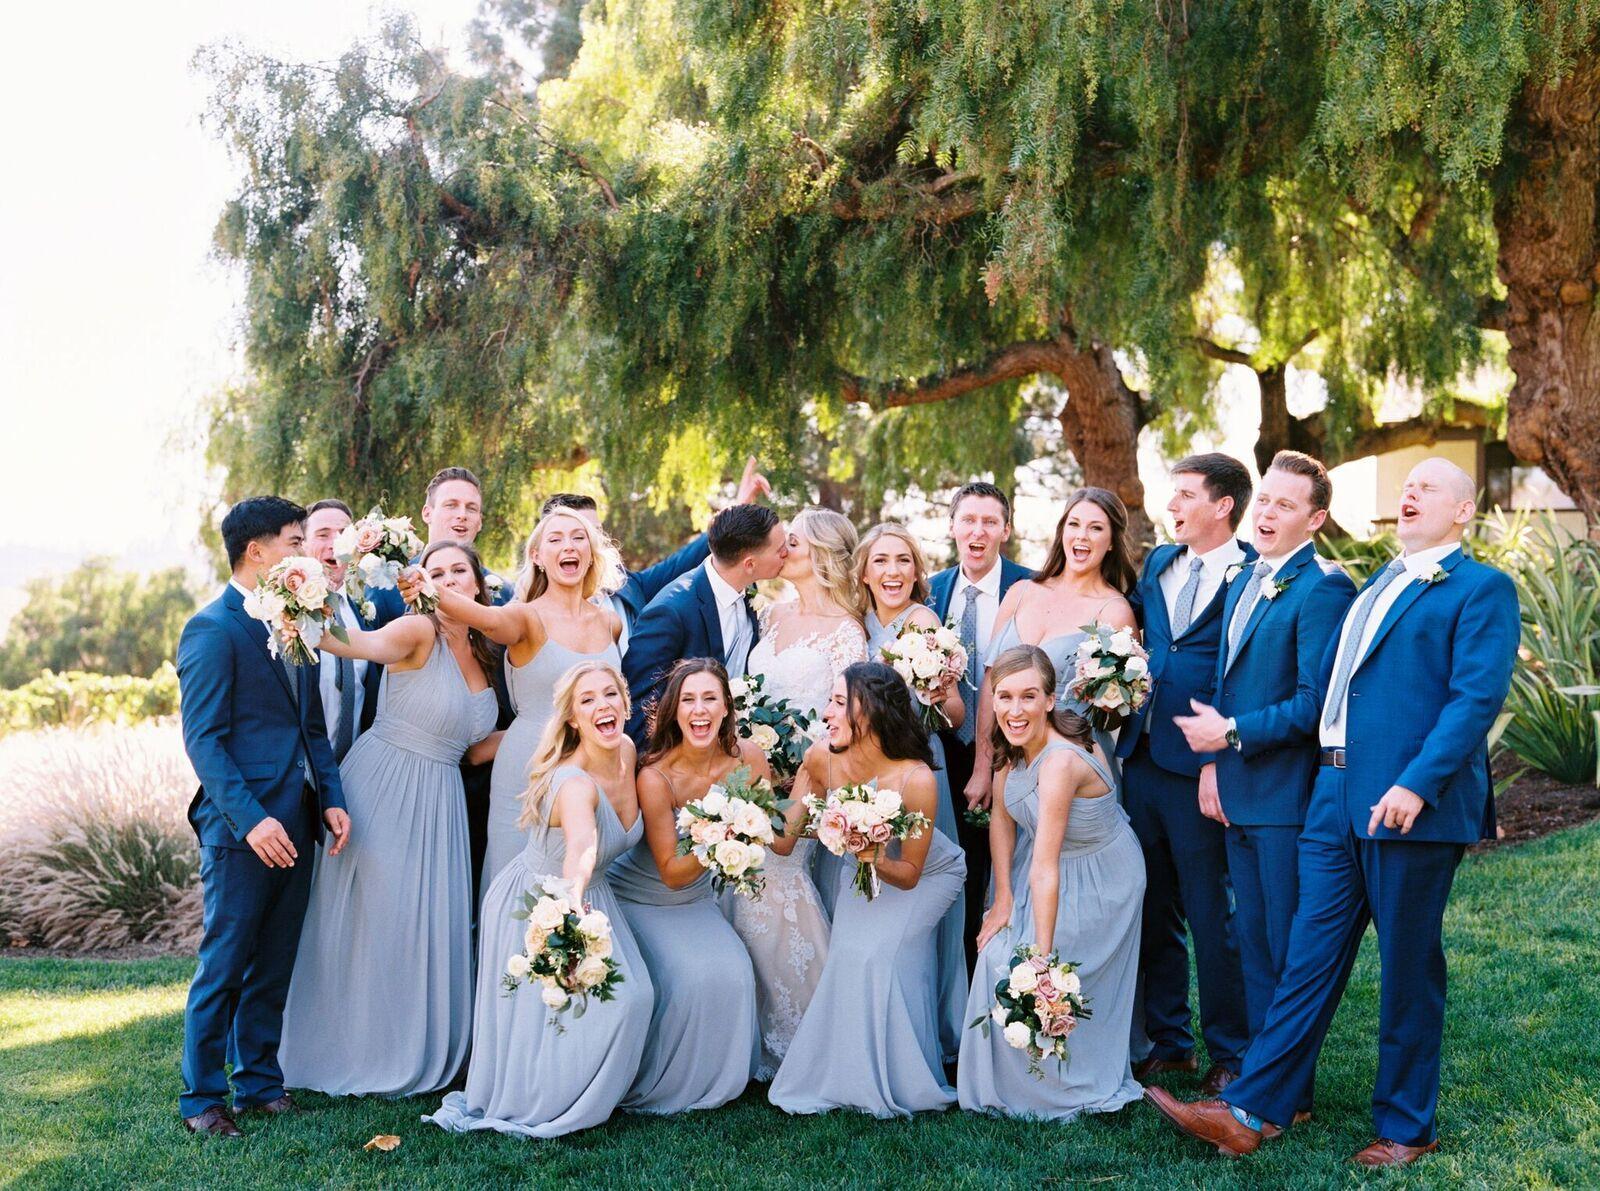 Navy Blue Ball Gowns Satin Wedding Dress Engagement Dress Ball Gown Prom Promdress Dress Eveningdress Simple Prom Dress Ball Gowns Prom Ball Gowns Wedding [ 945 x 908 Pixel ]